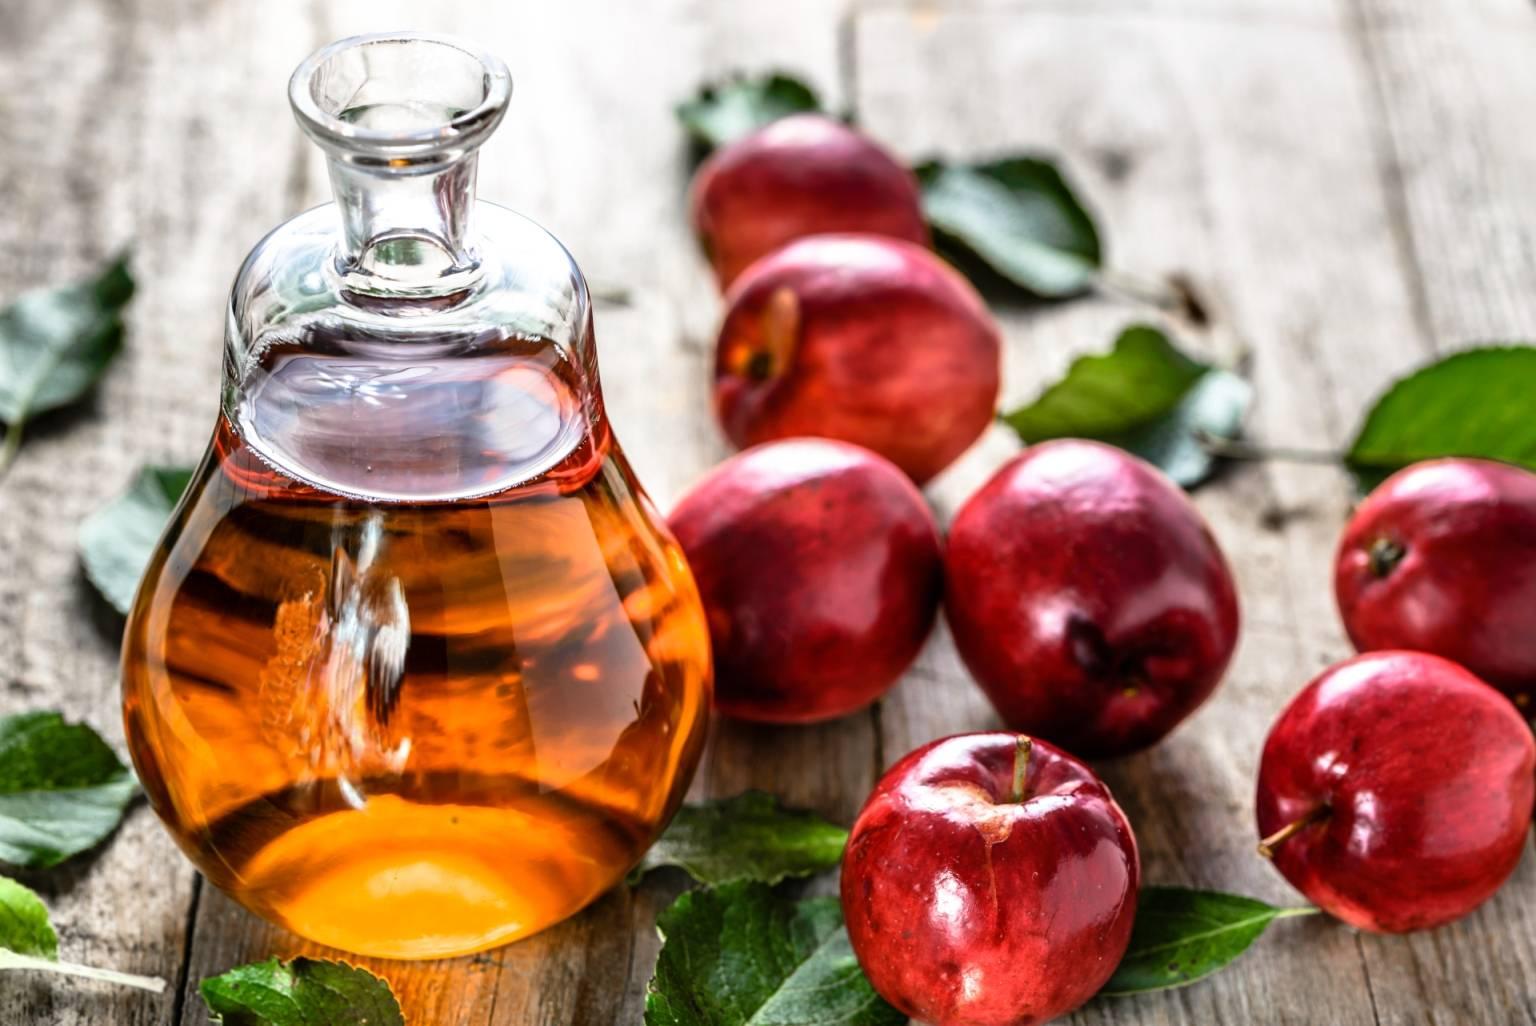 Jabłka pomogą przy zapaleniu zatok.